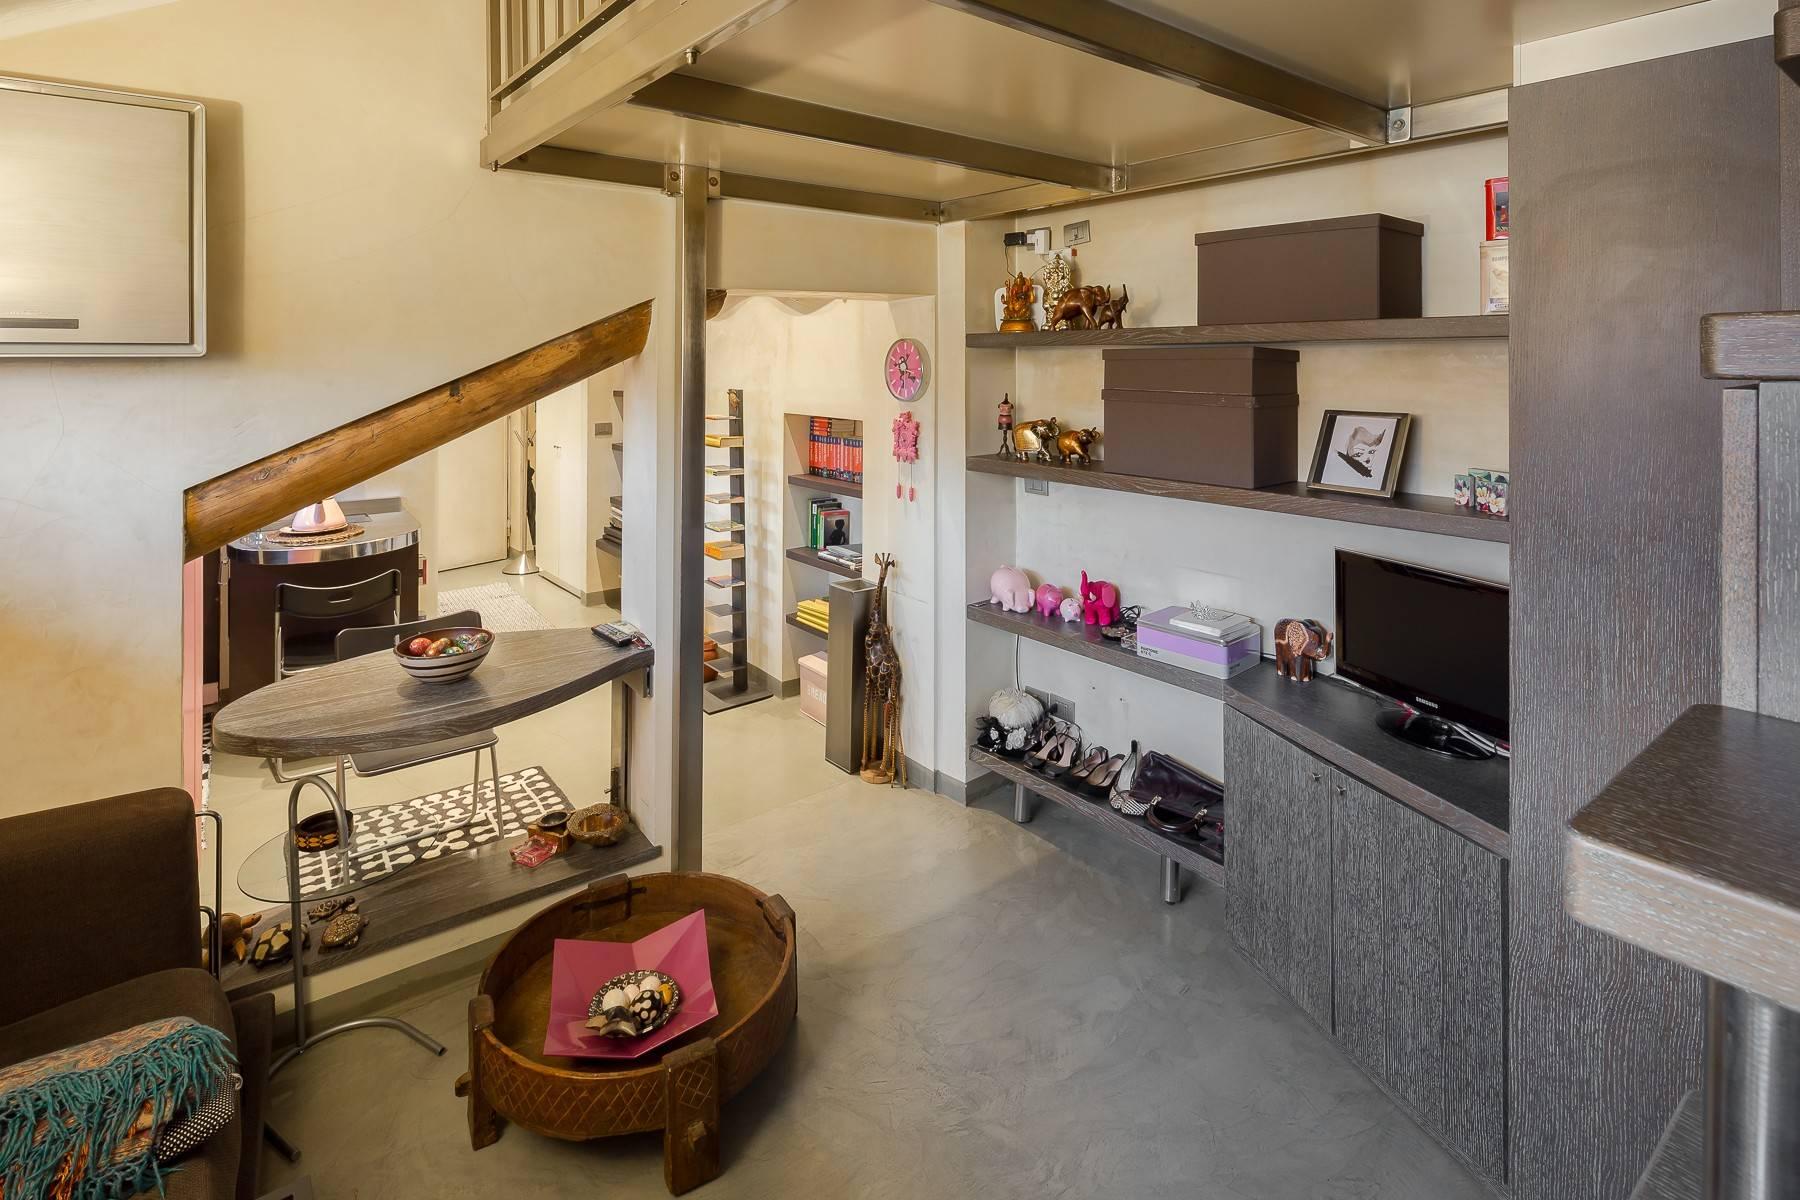 Appartamento in Affitto a Milano: 1 locali, 32 mq - Foto 11